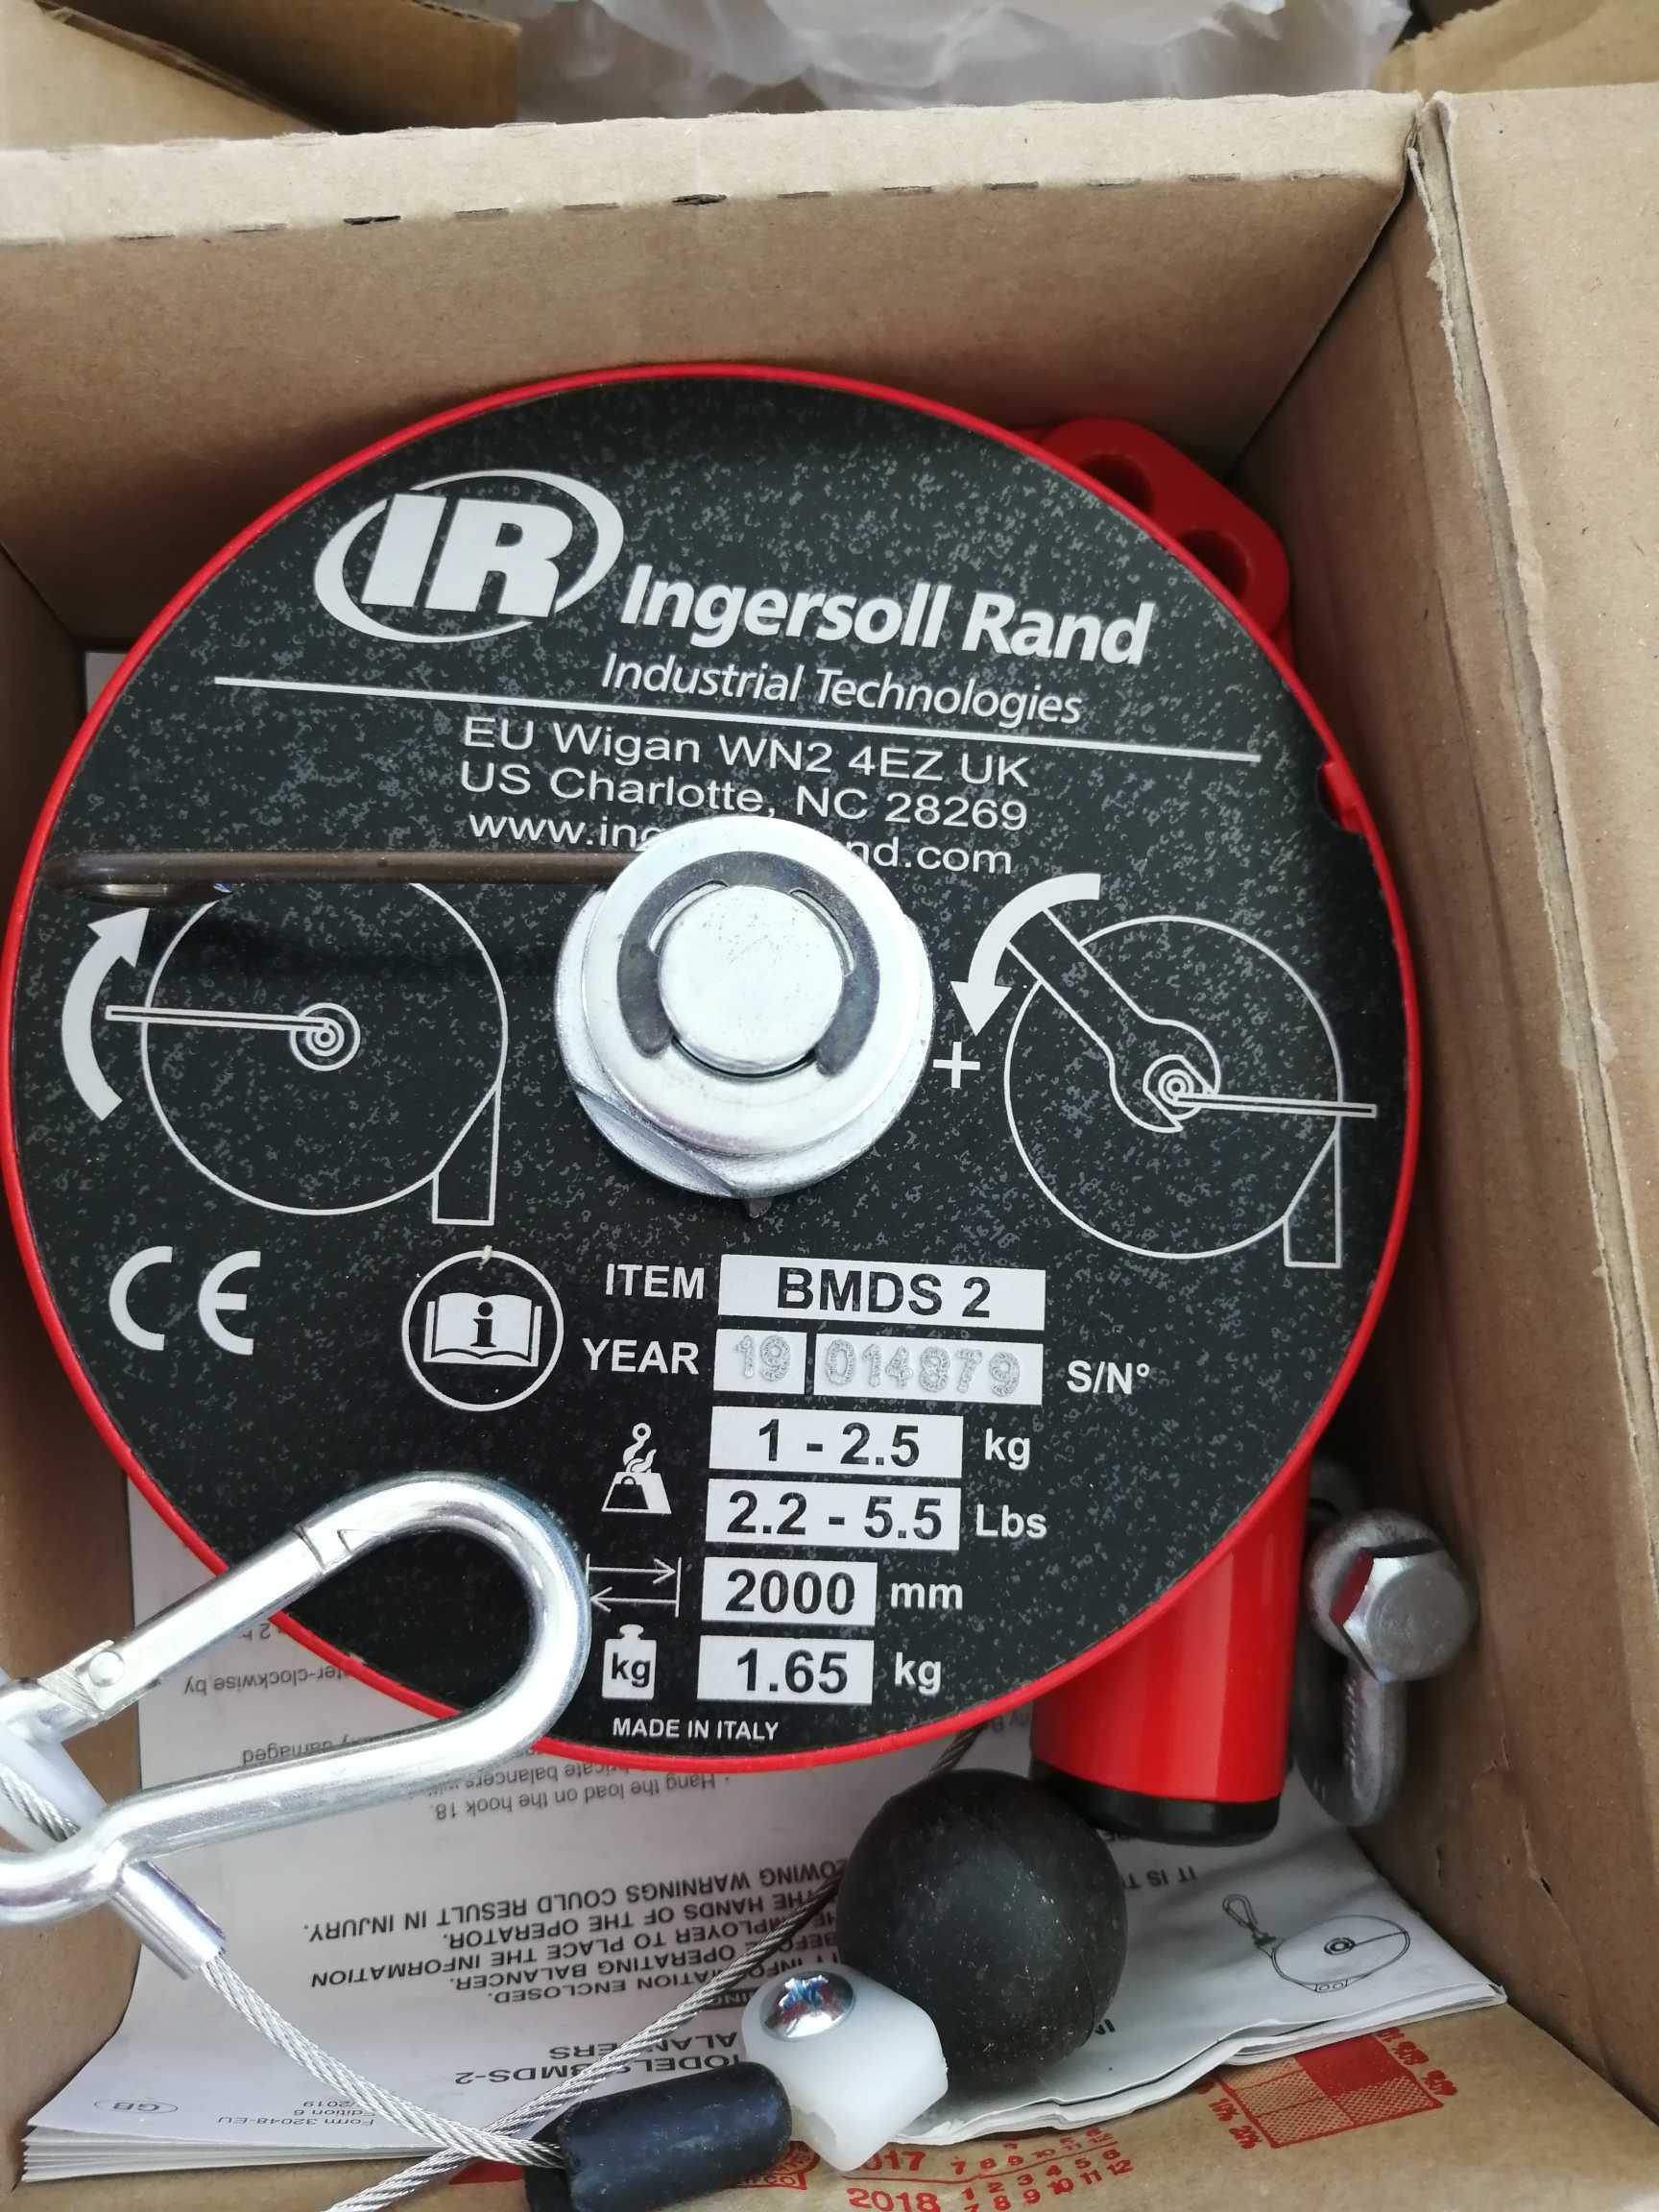 Ingersoll Rand平衡器